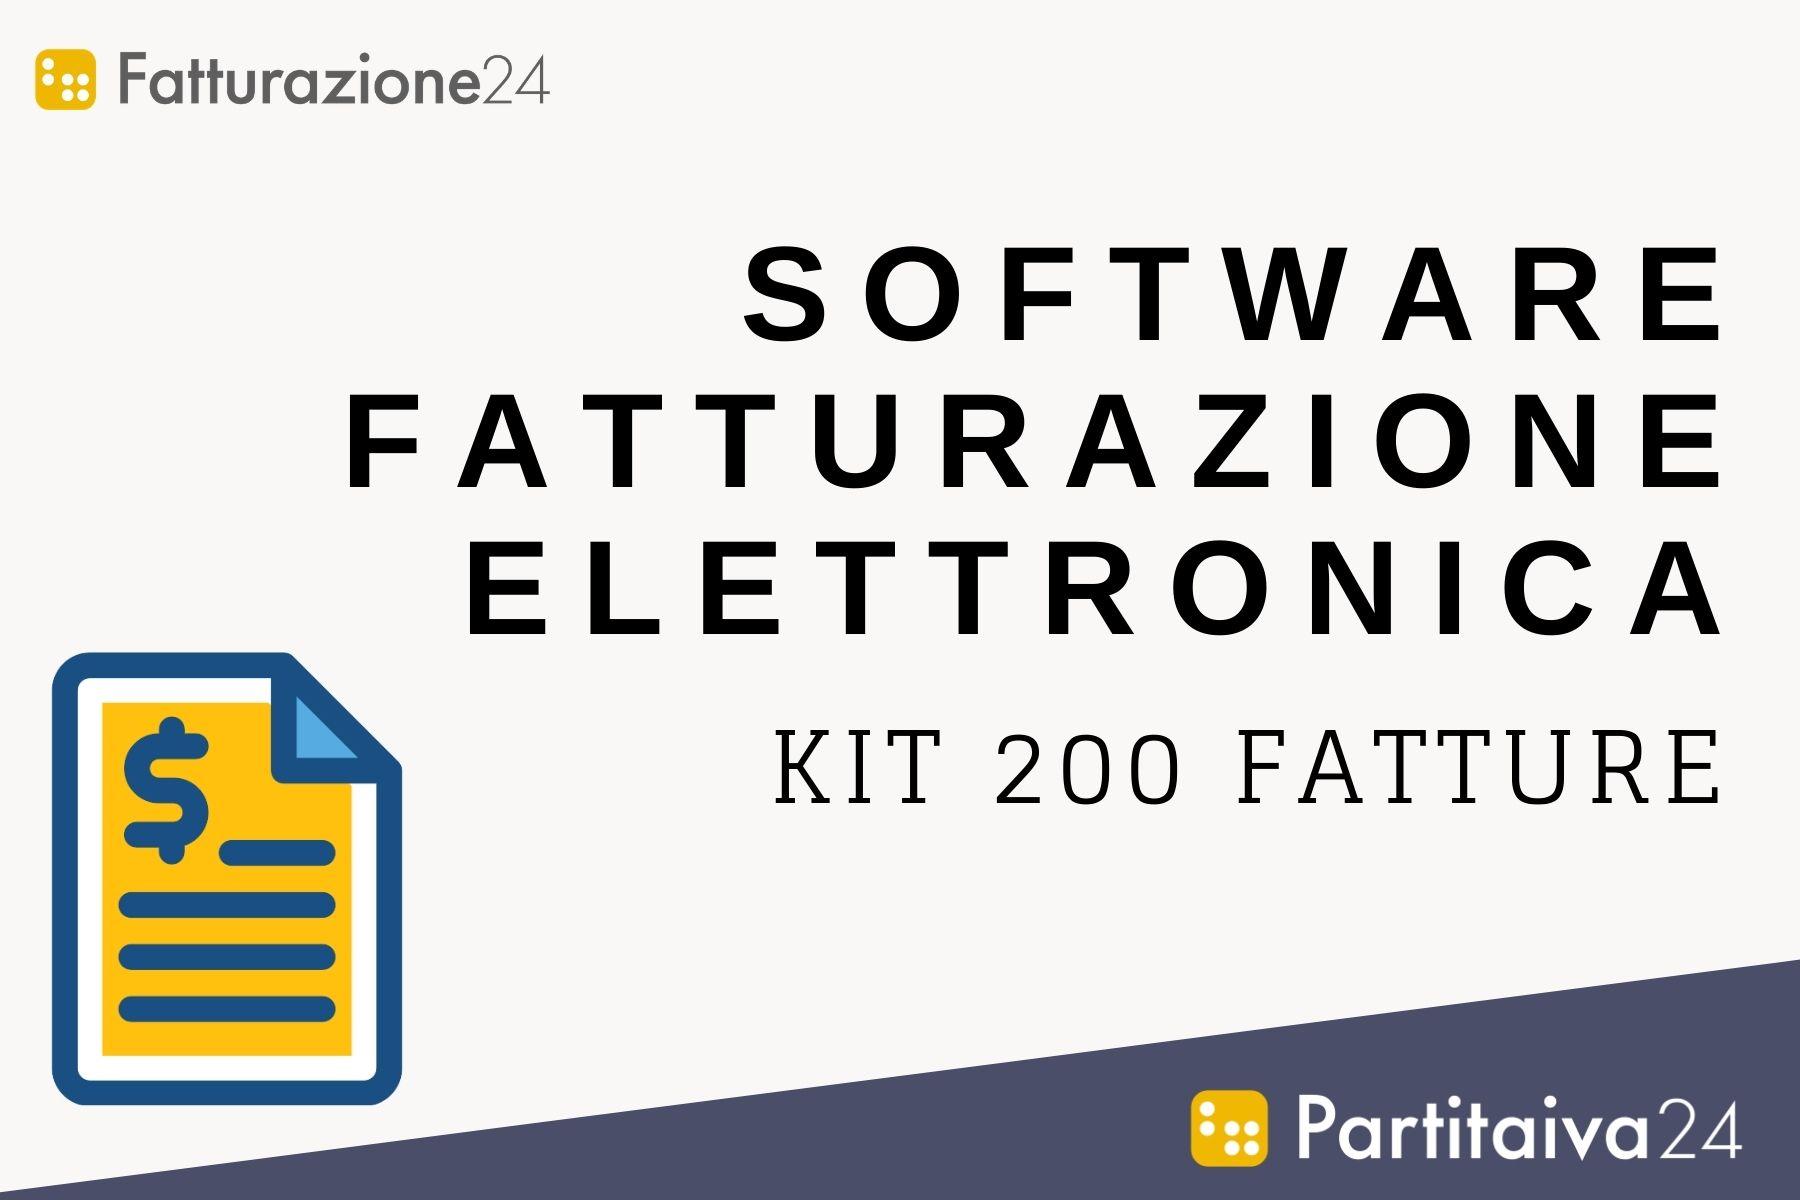 Fatturazione24 easy